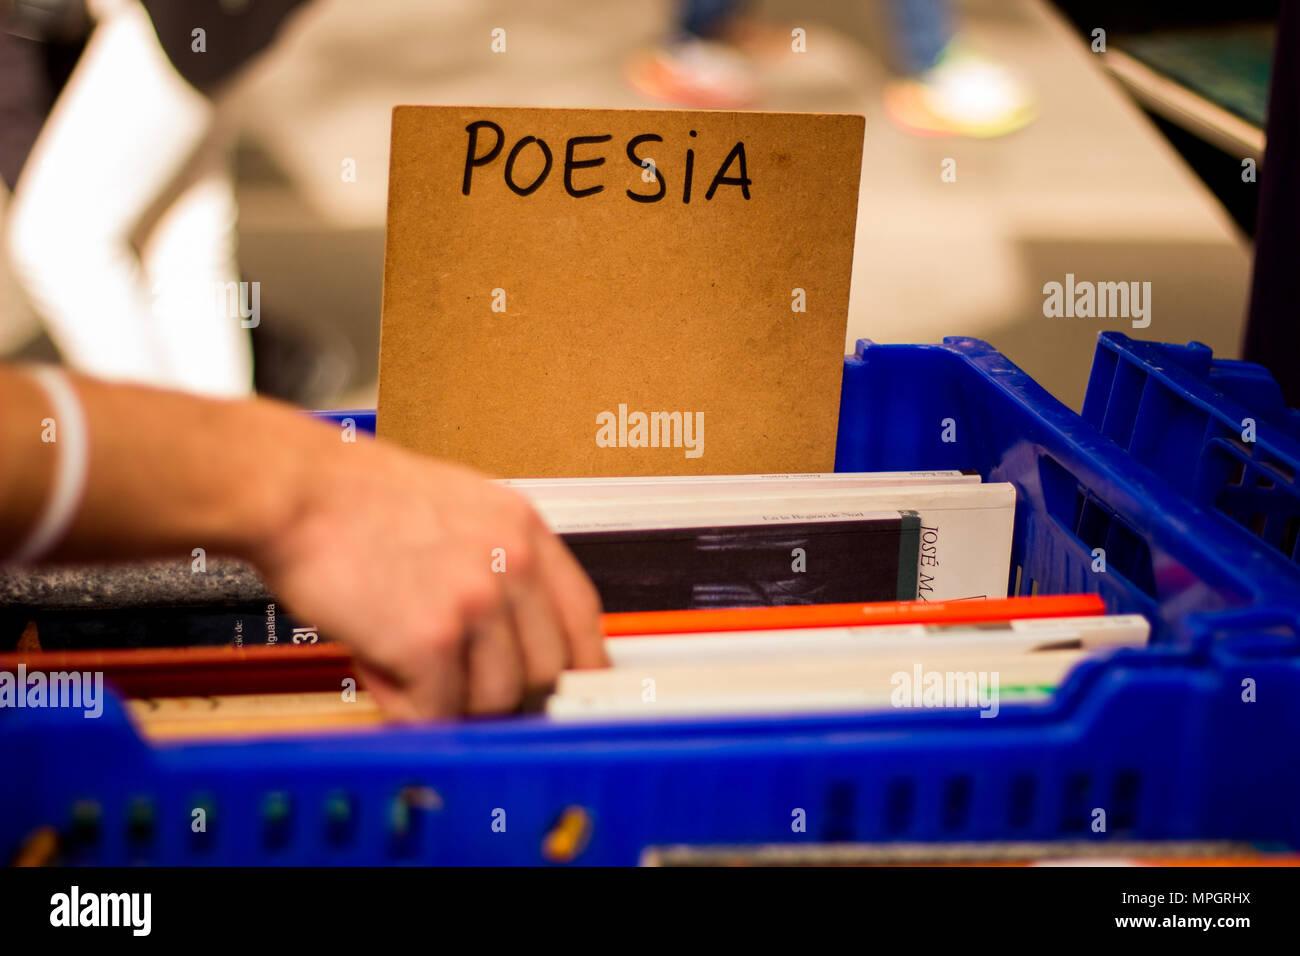 Alla ricerca di poesie durante il 'Sant Jordi' a Barcellona Immagini Stock